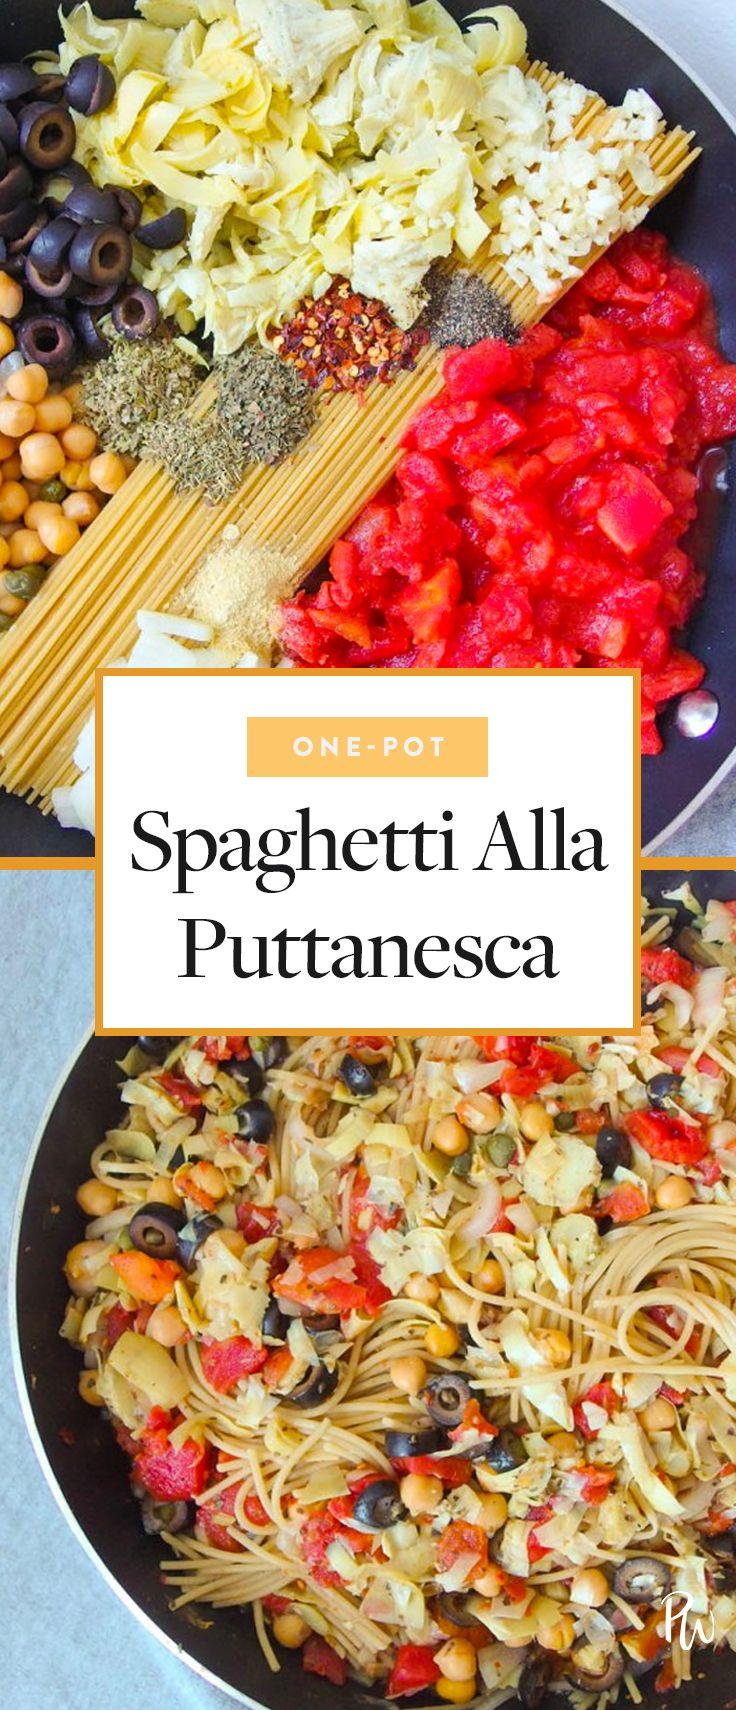 Get the recipe for this spaghetti alla